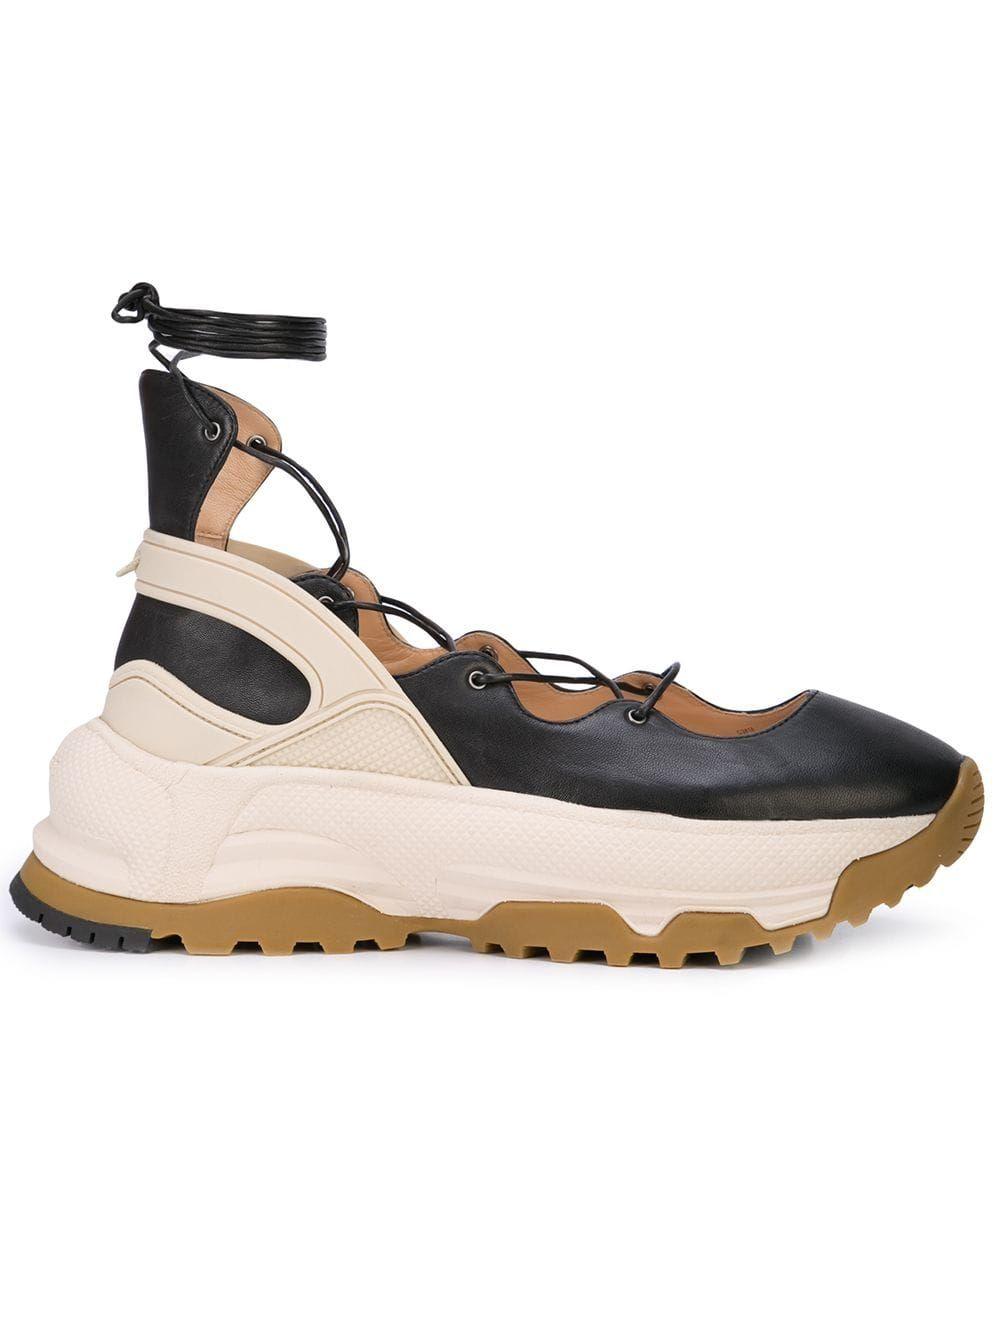 Coach platform ballerina sneakers